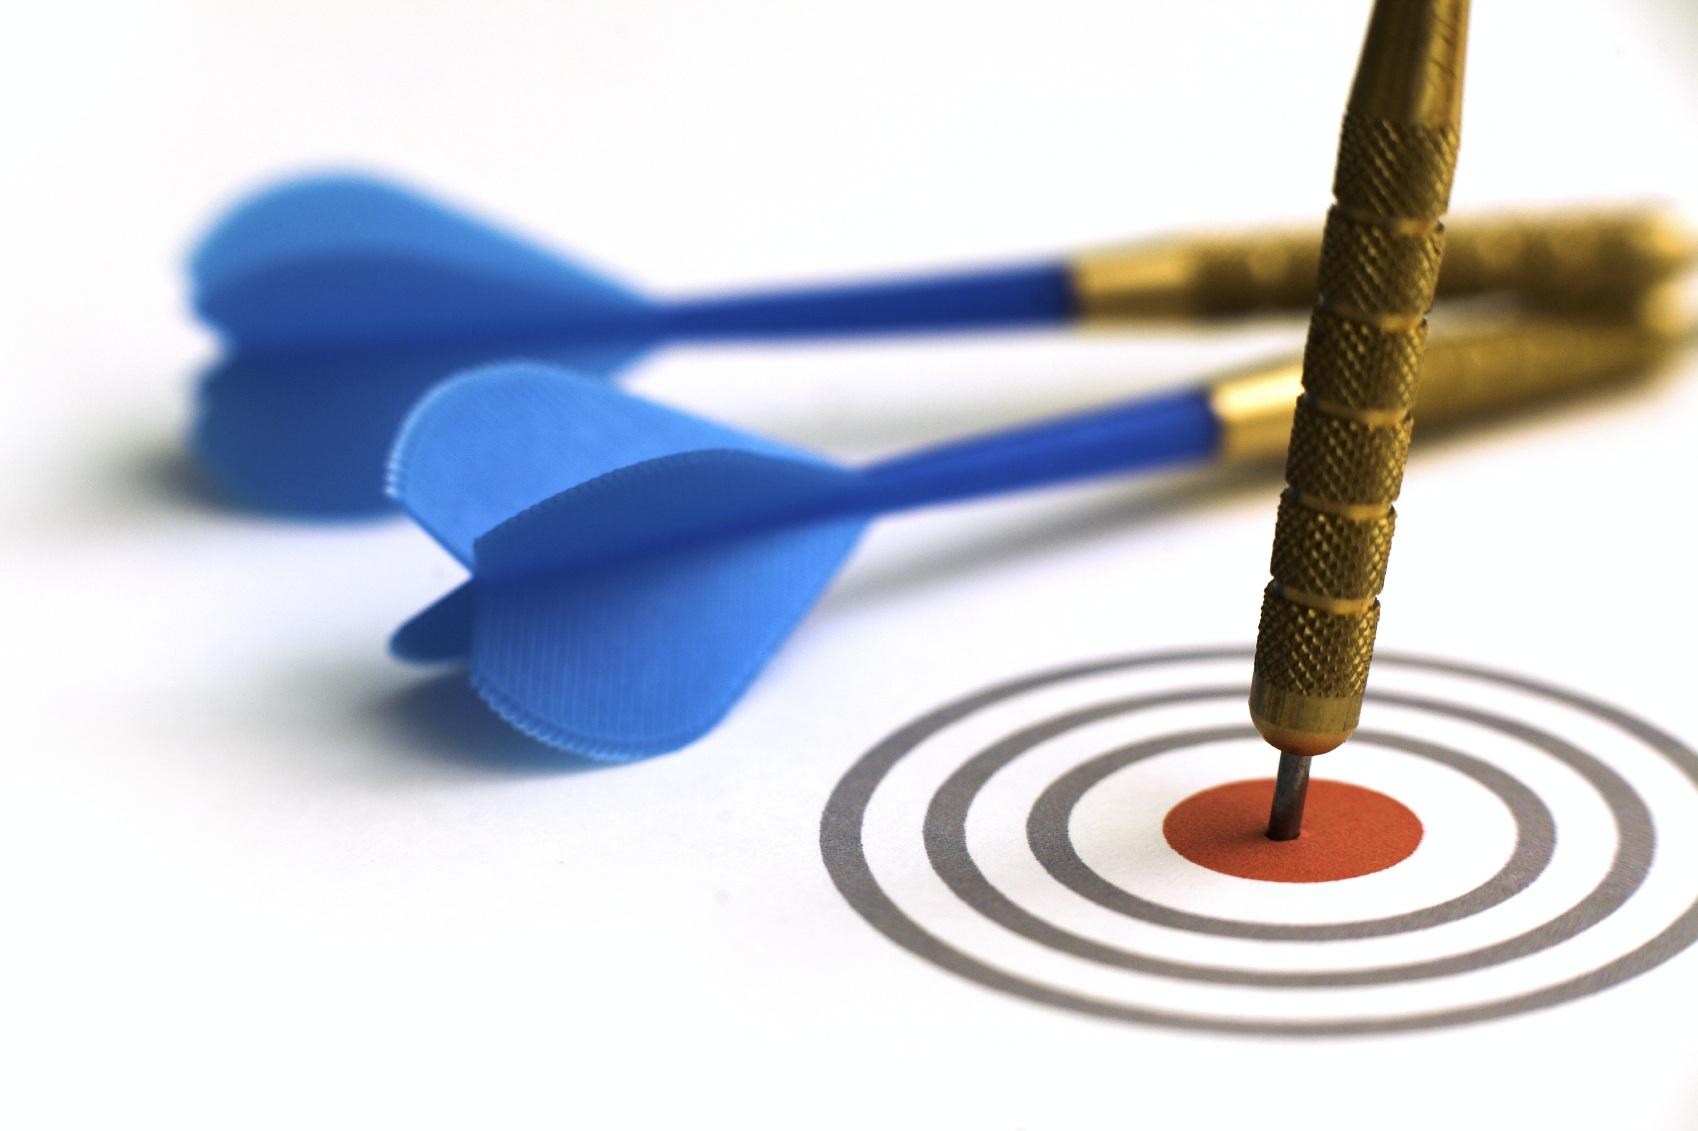 كيف تضع خطة فعالة لضمان نجاح صفحة فيسبوك وبقية حسابات التواصل ...